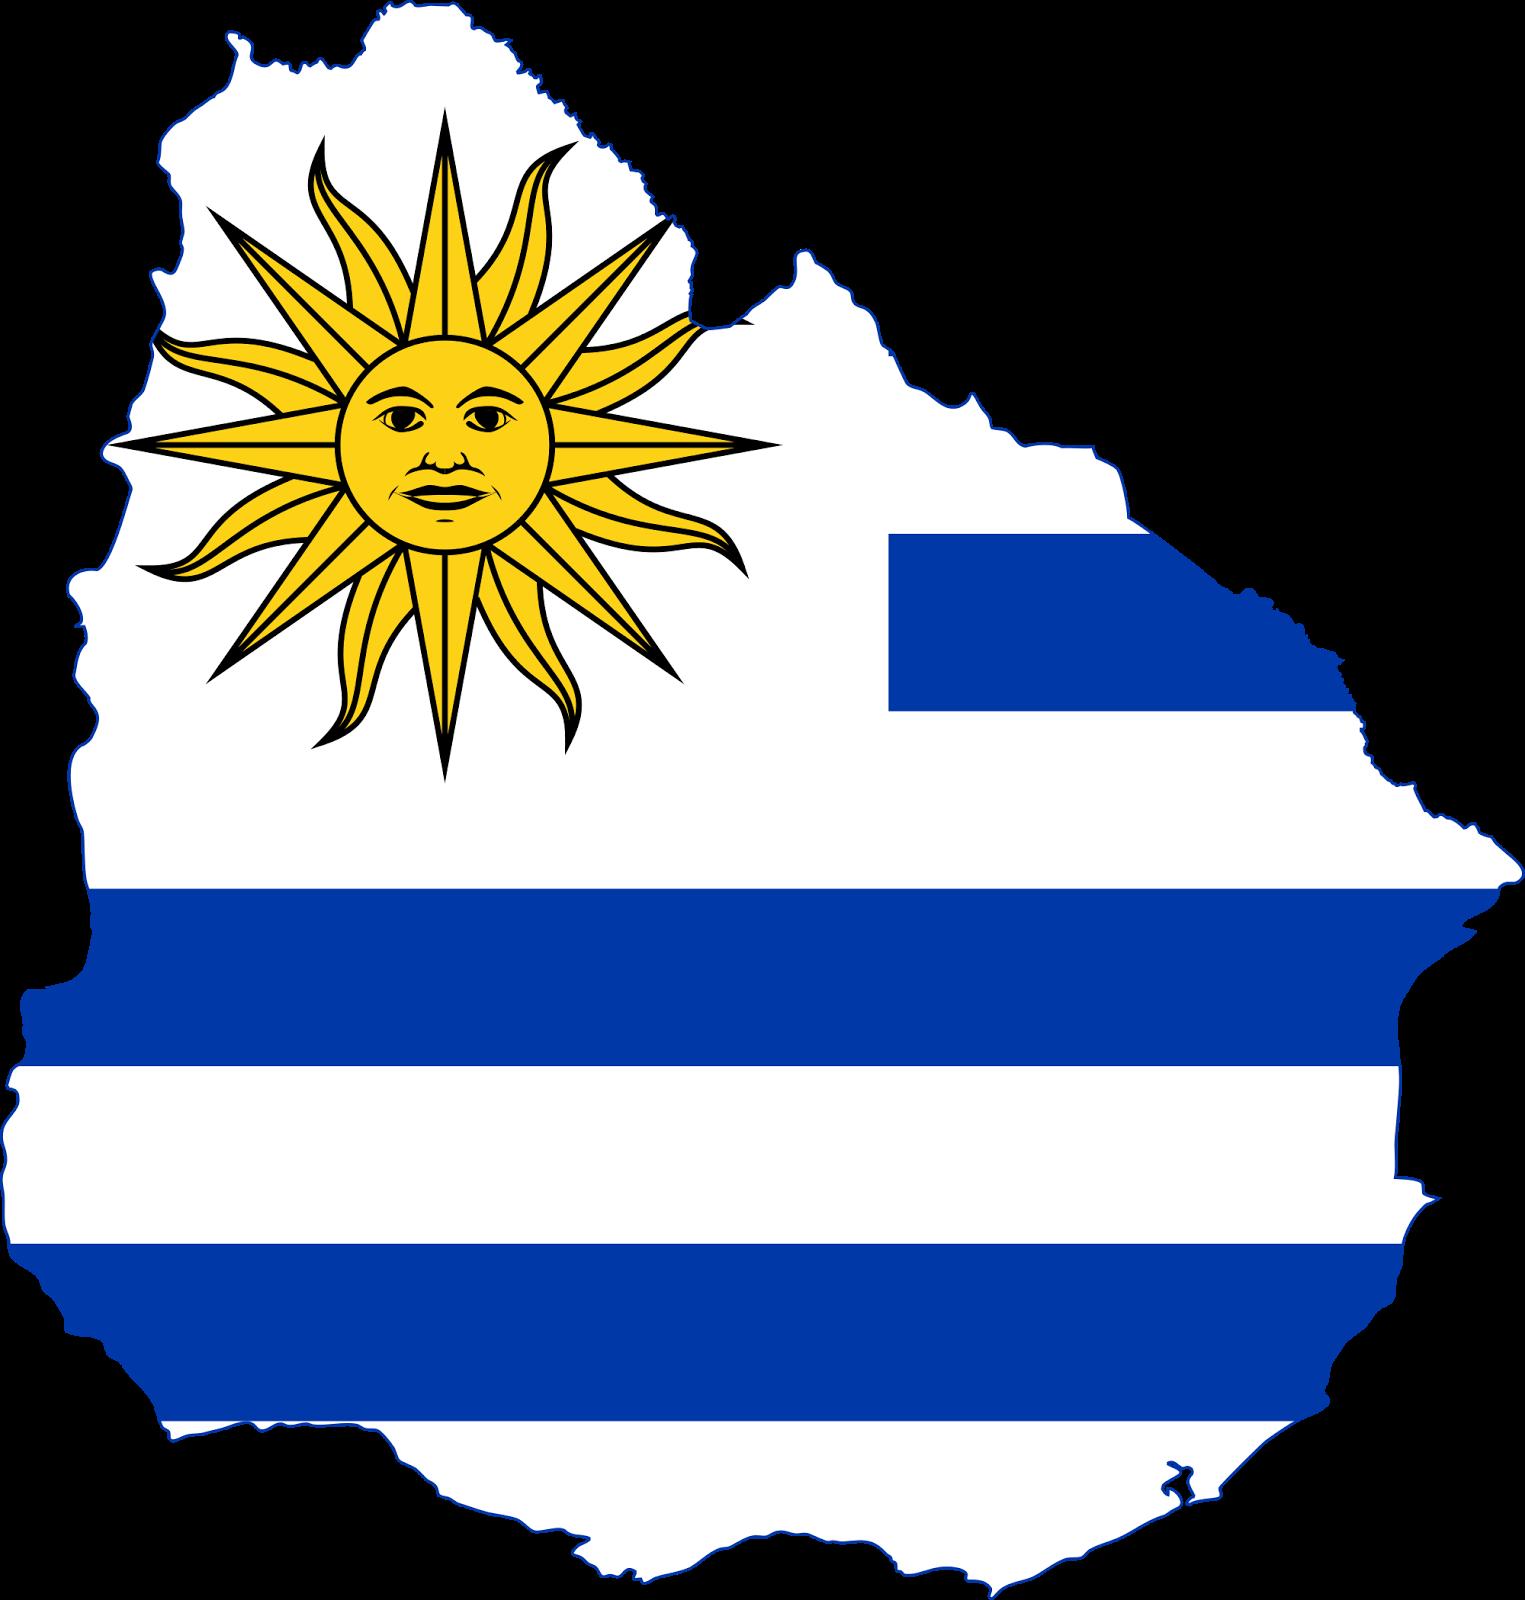 Get to know Uruguay / Conozca Uruguay